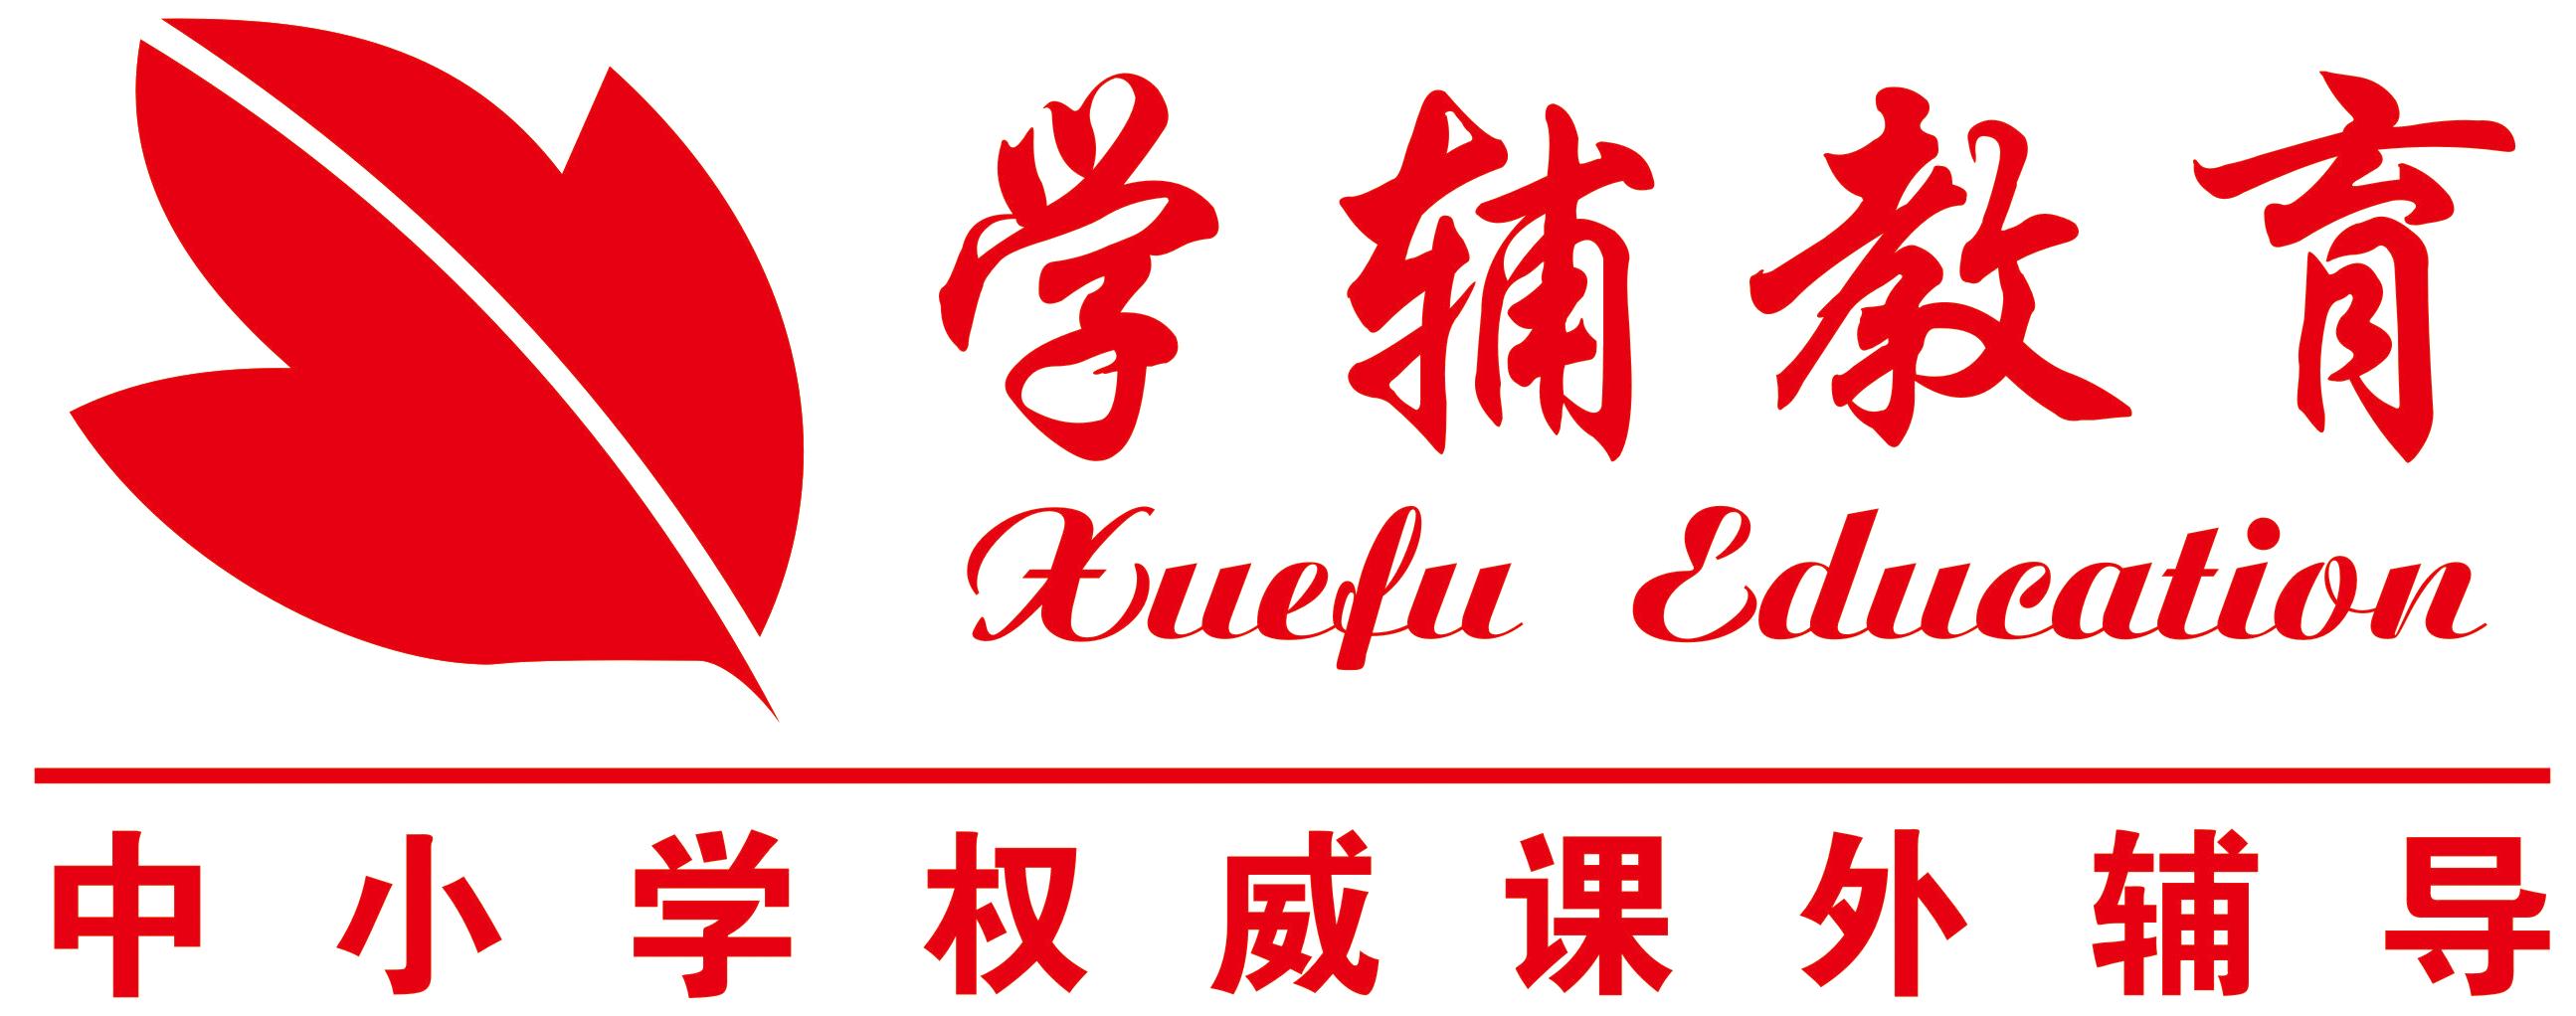 重慶學輔教育信息咨詢服務有限公司_聯英人才網_hrm.cn